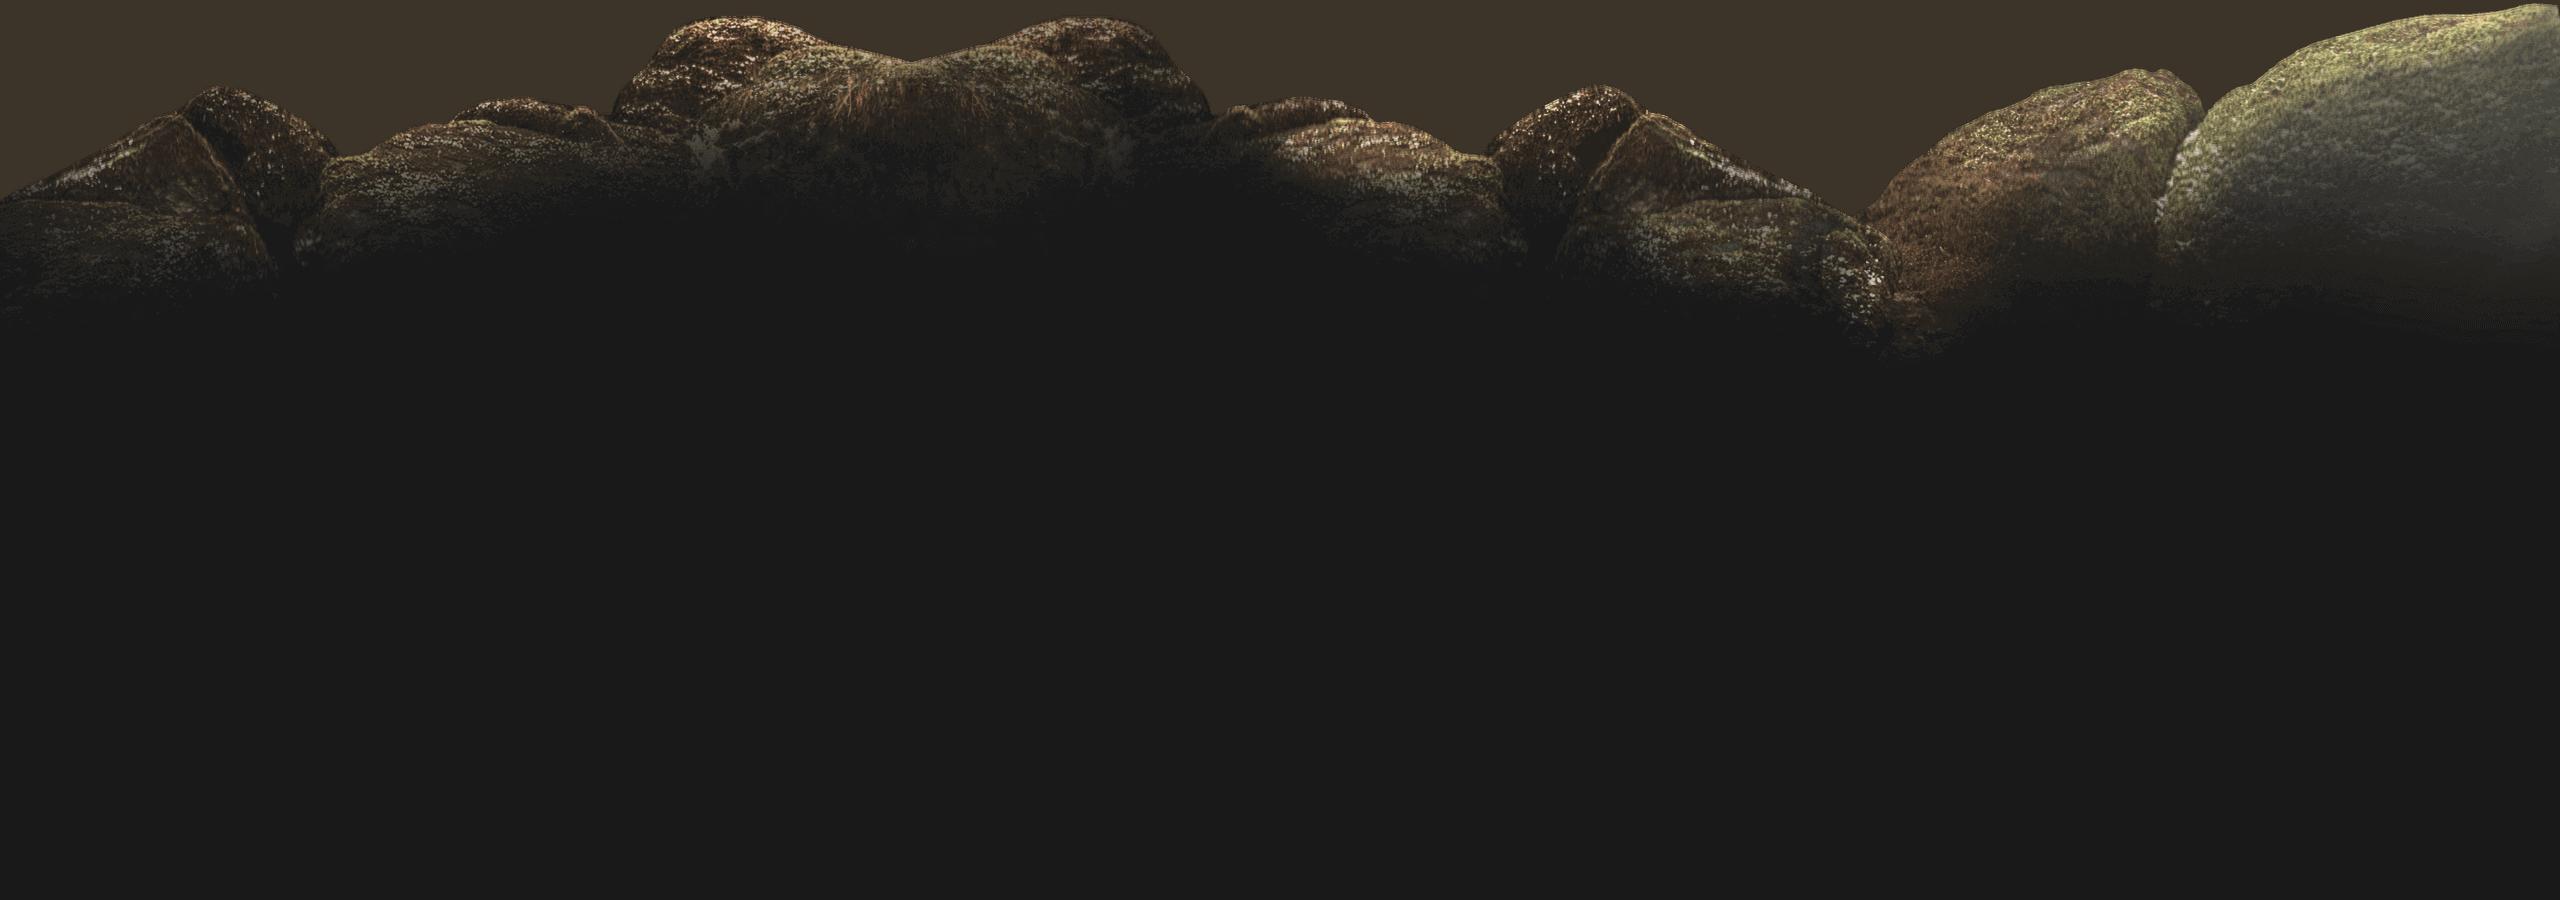 MOLINOTEQ - Rocks